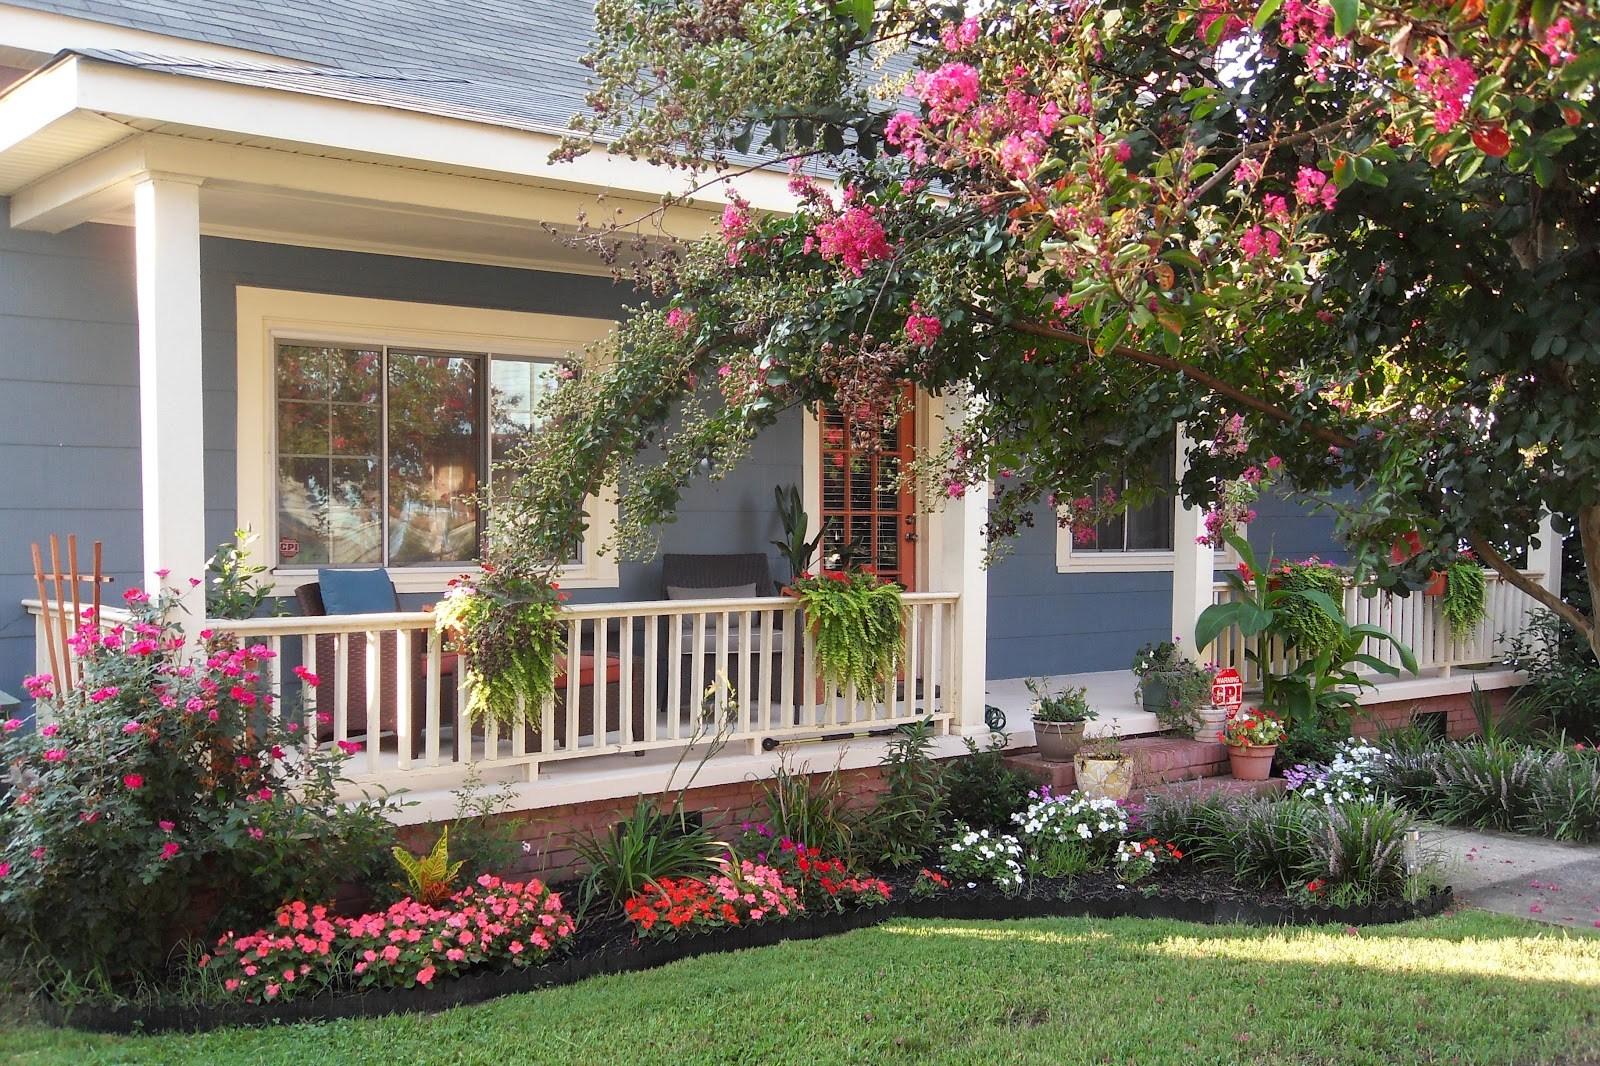 410 Koleksi Desain Taman Bunga Depan Rumah HD Terbaik